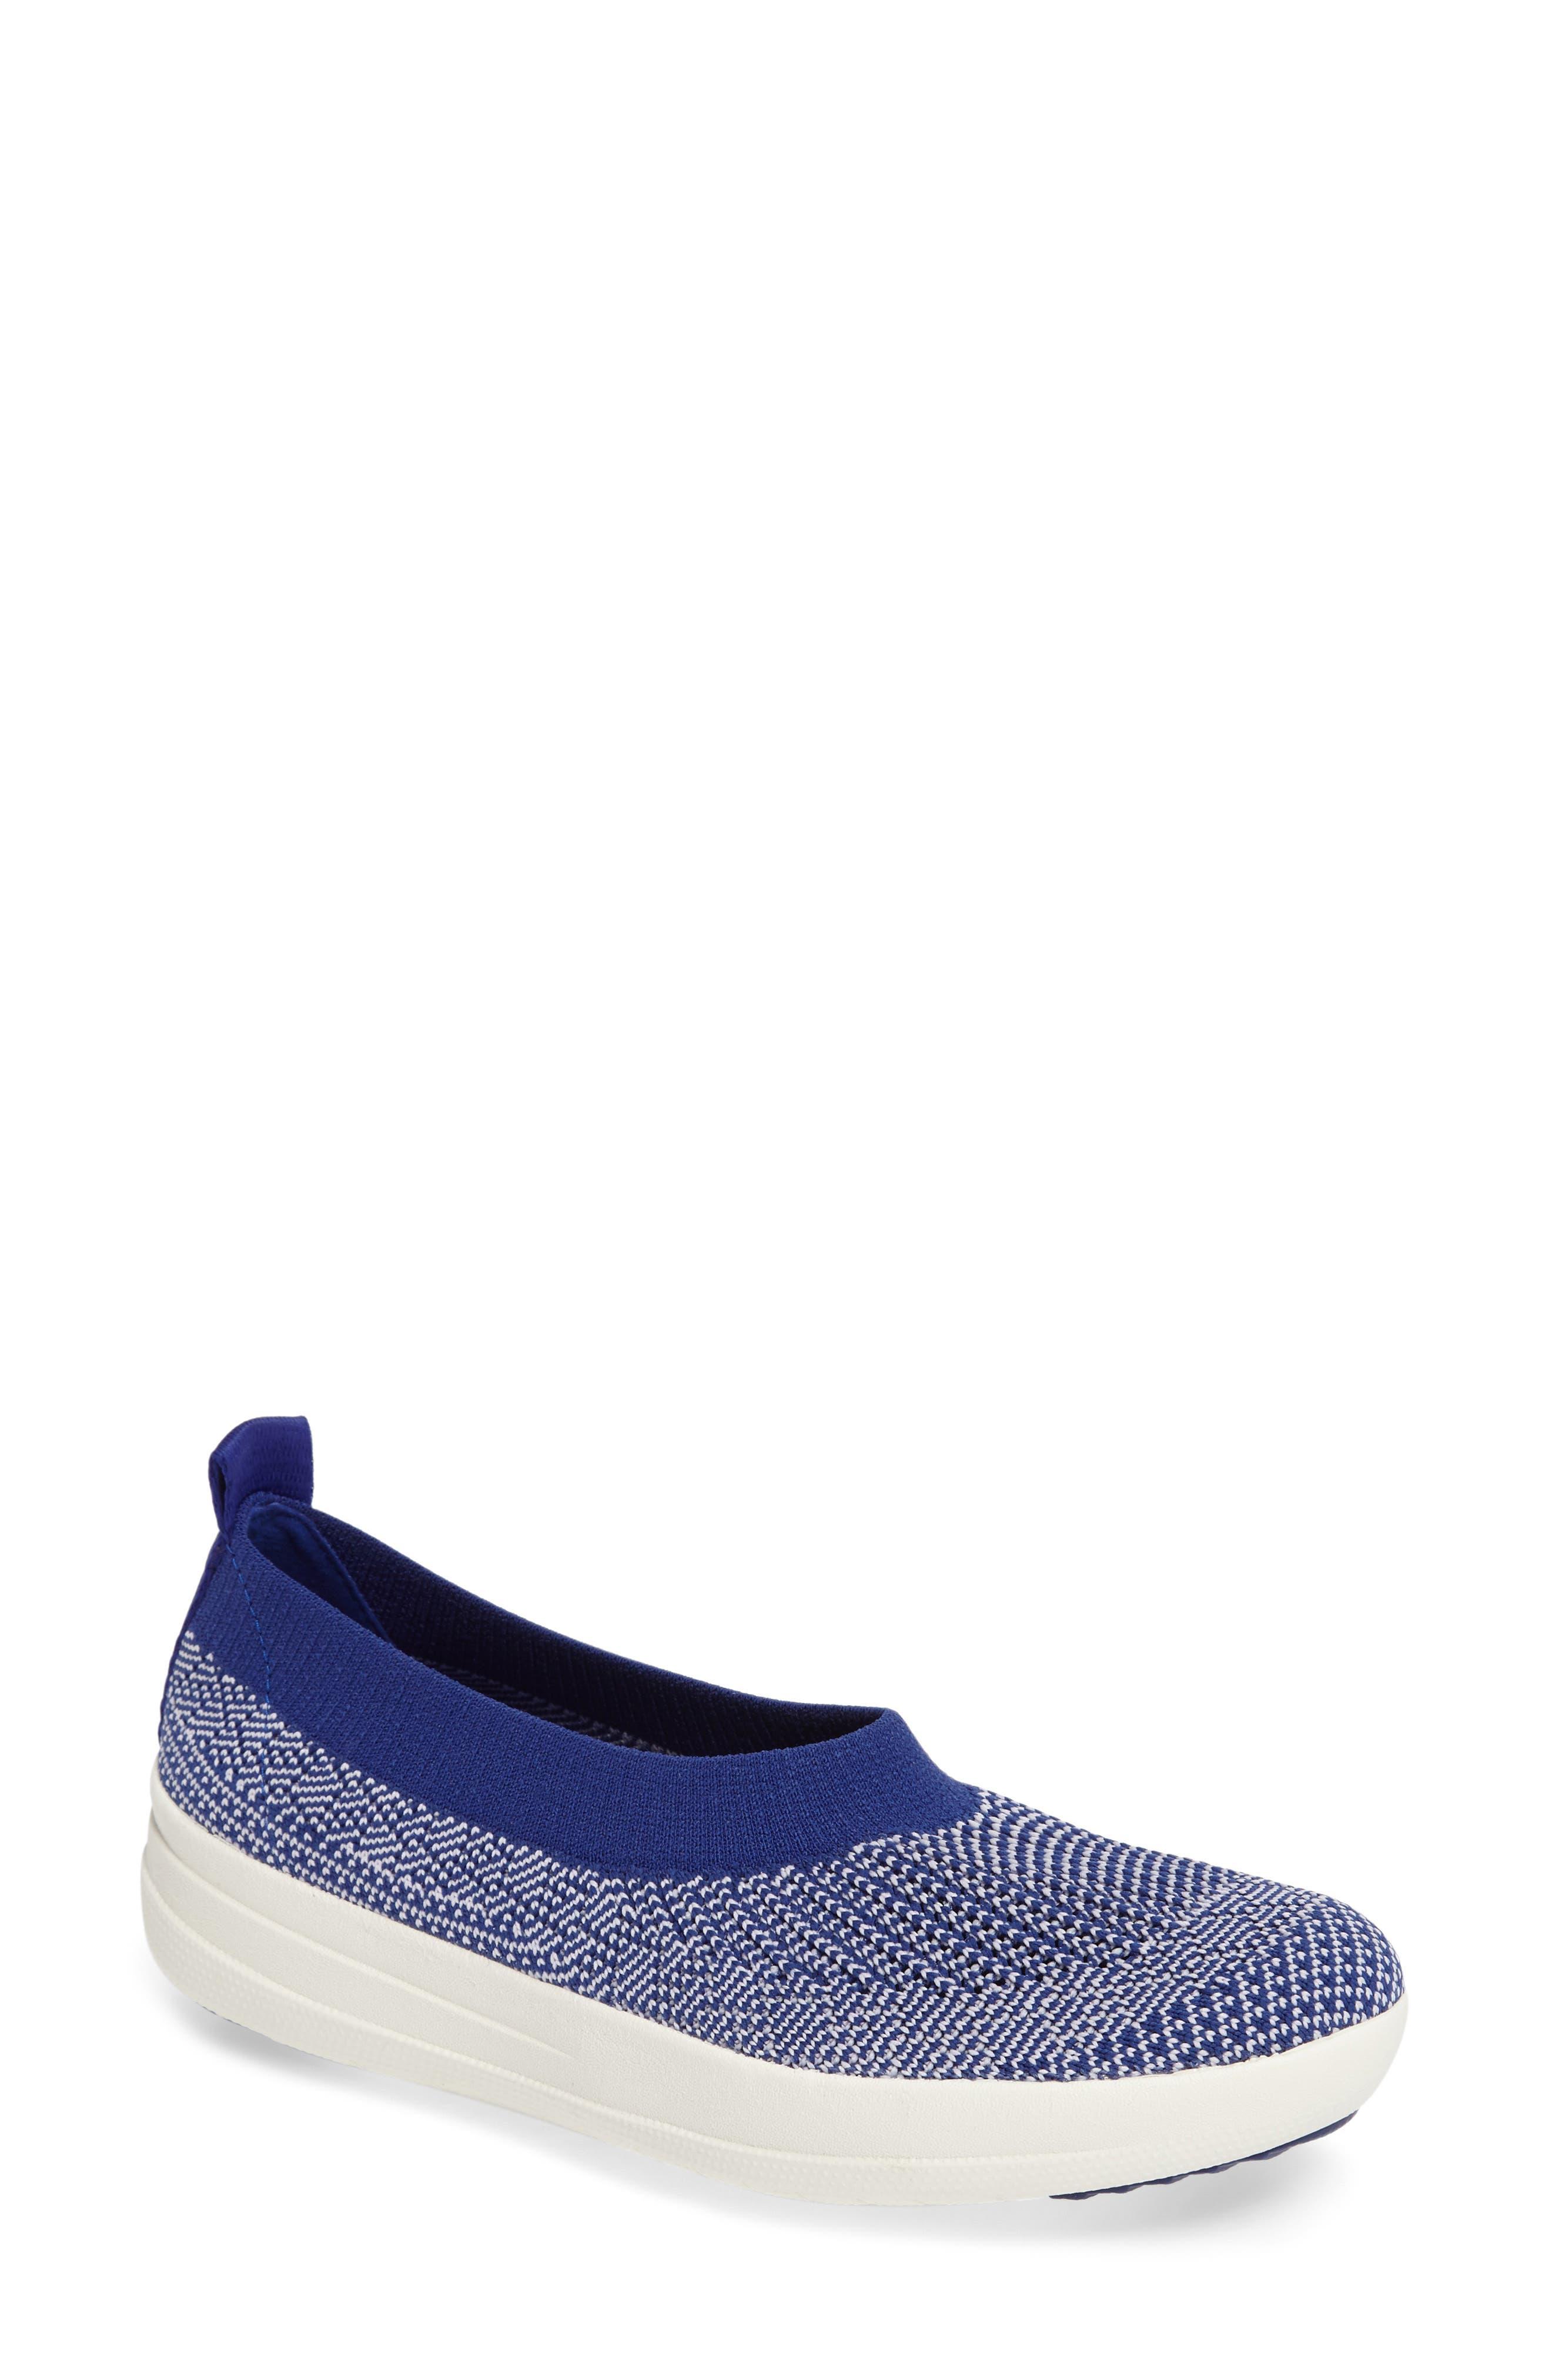 Uberknit Slip-On Sneaker,                             Main thumbnail 4, color,